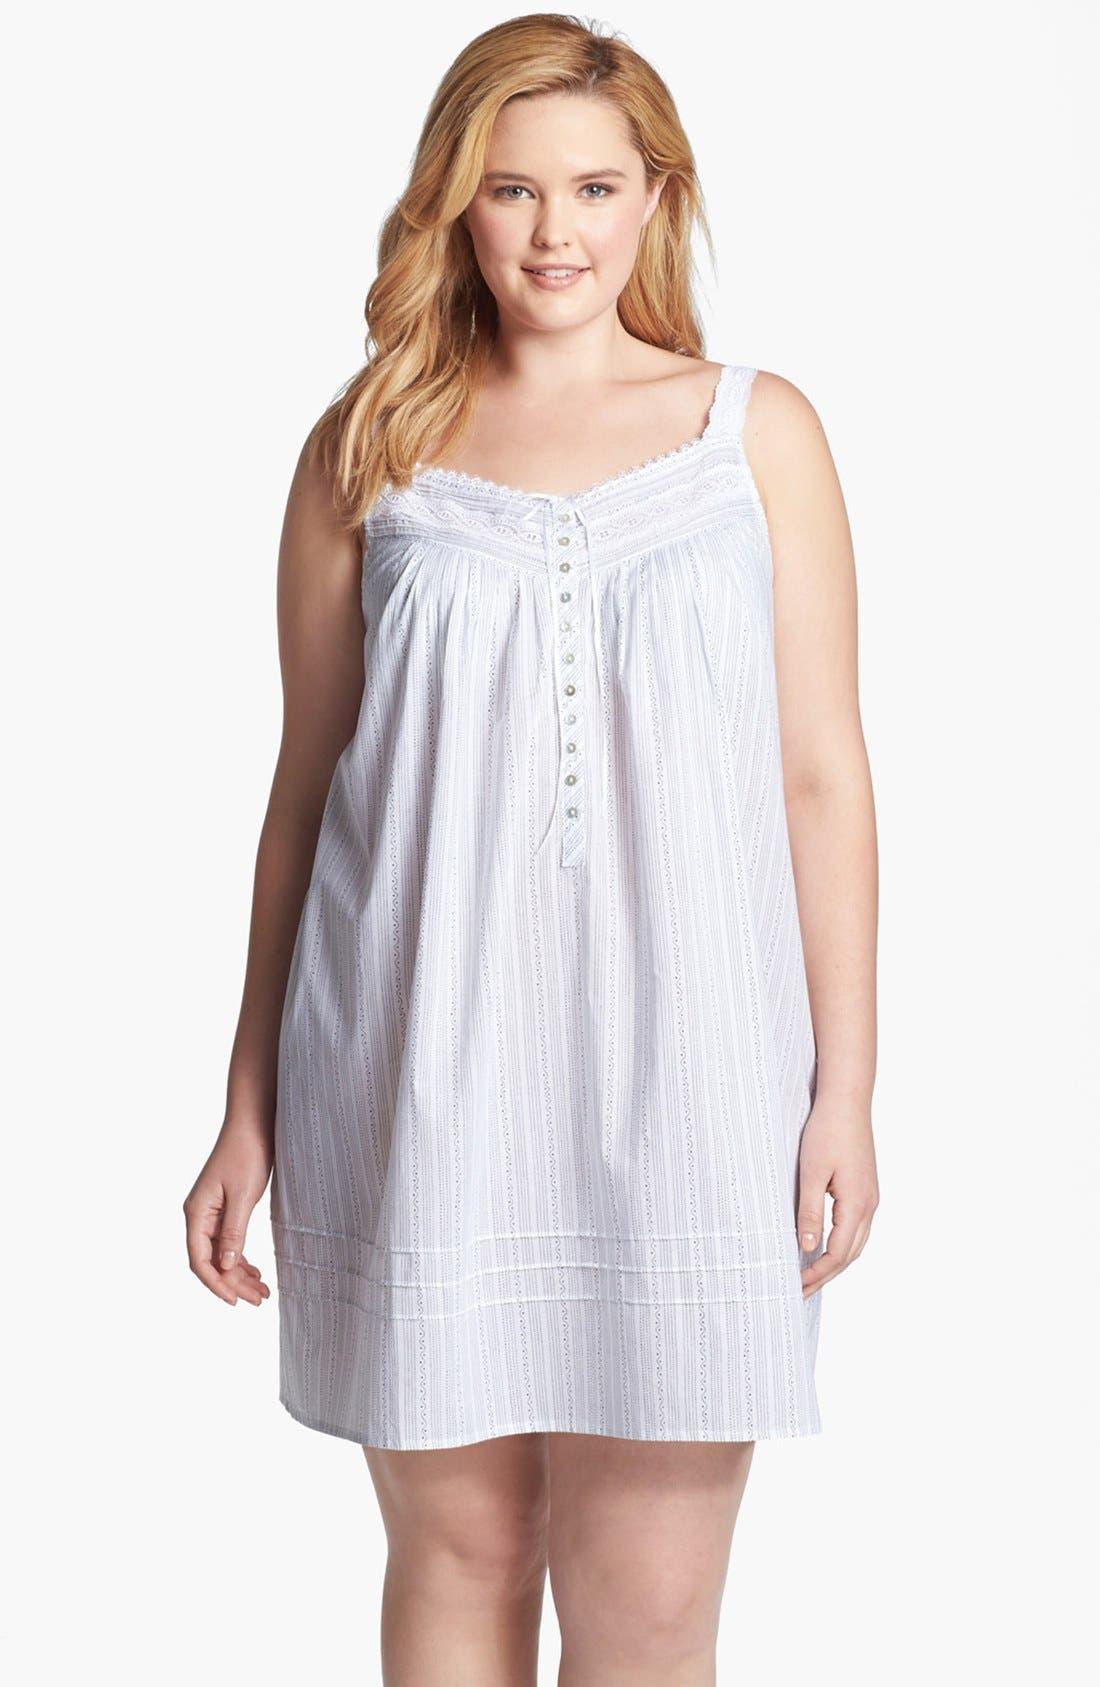 Main Image - Eileen West 'Moonlit Shores' Short Nightgown (Plus Size)